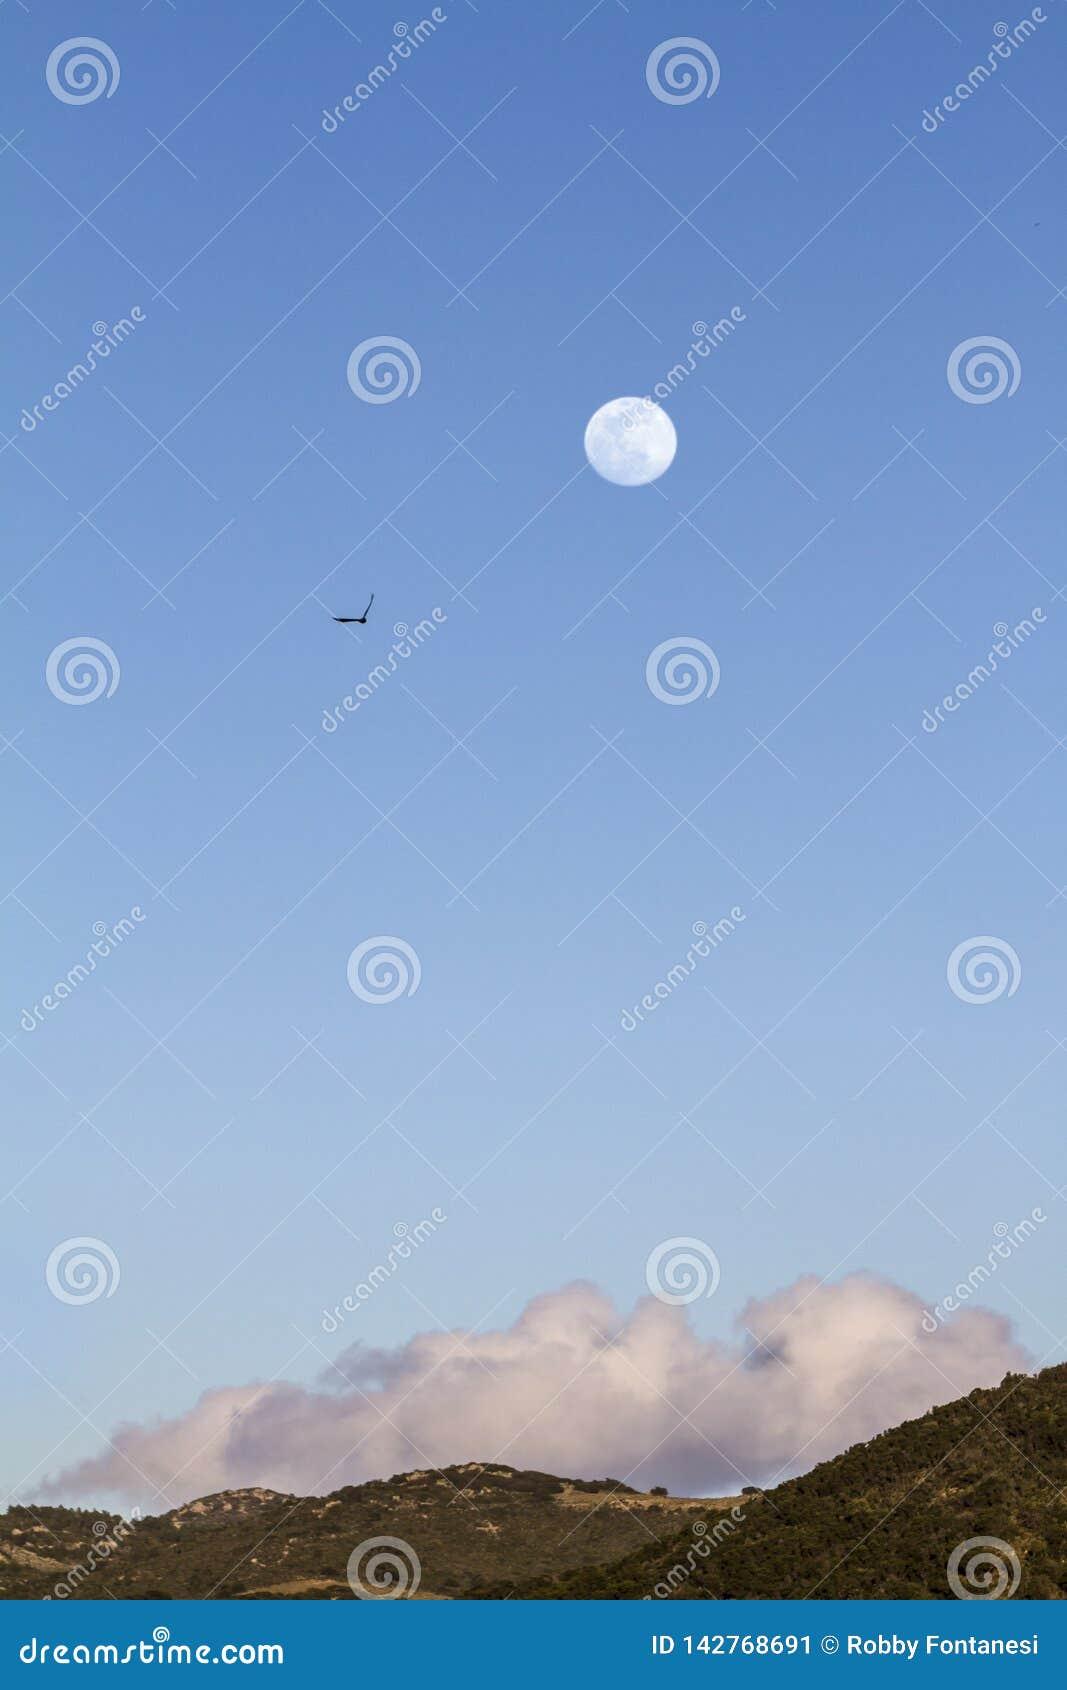 Fullmåne i den blåa himlen för skymningtid utom fara med ett moln som vilar på kullen under och konturn av en peregrine